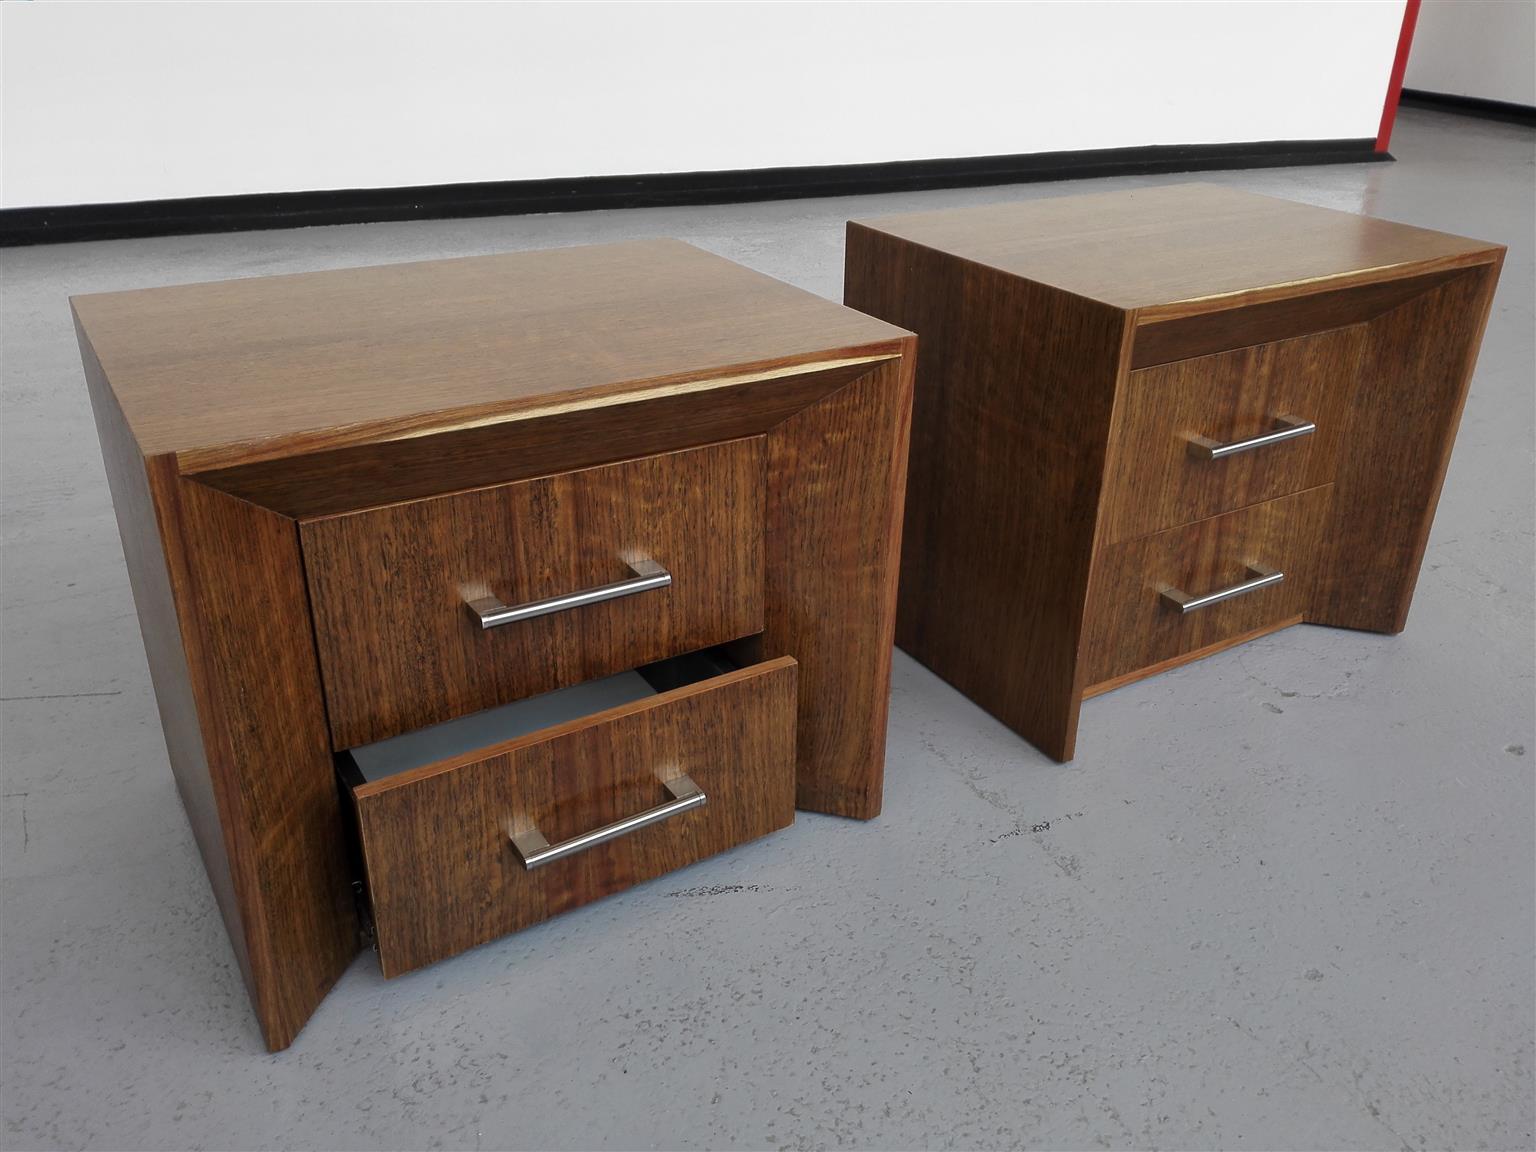 Imbuia bedside table